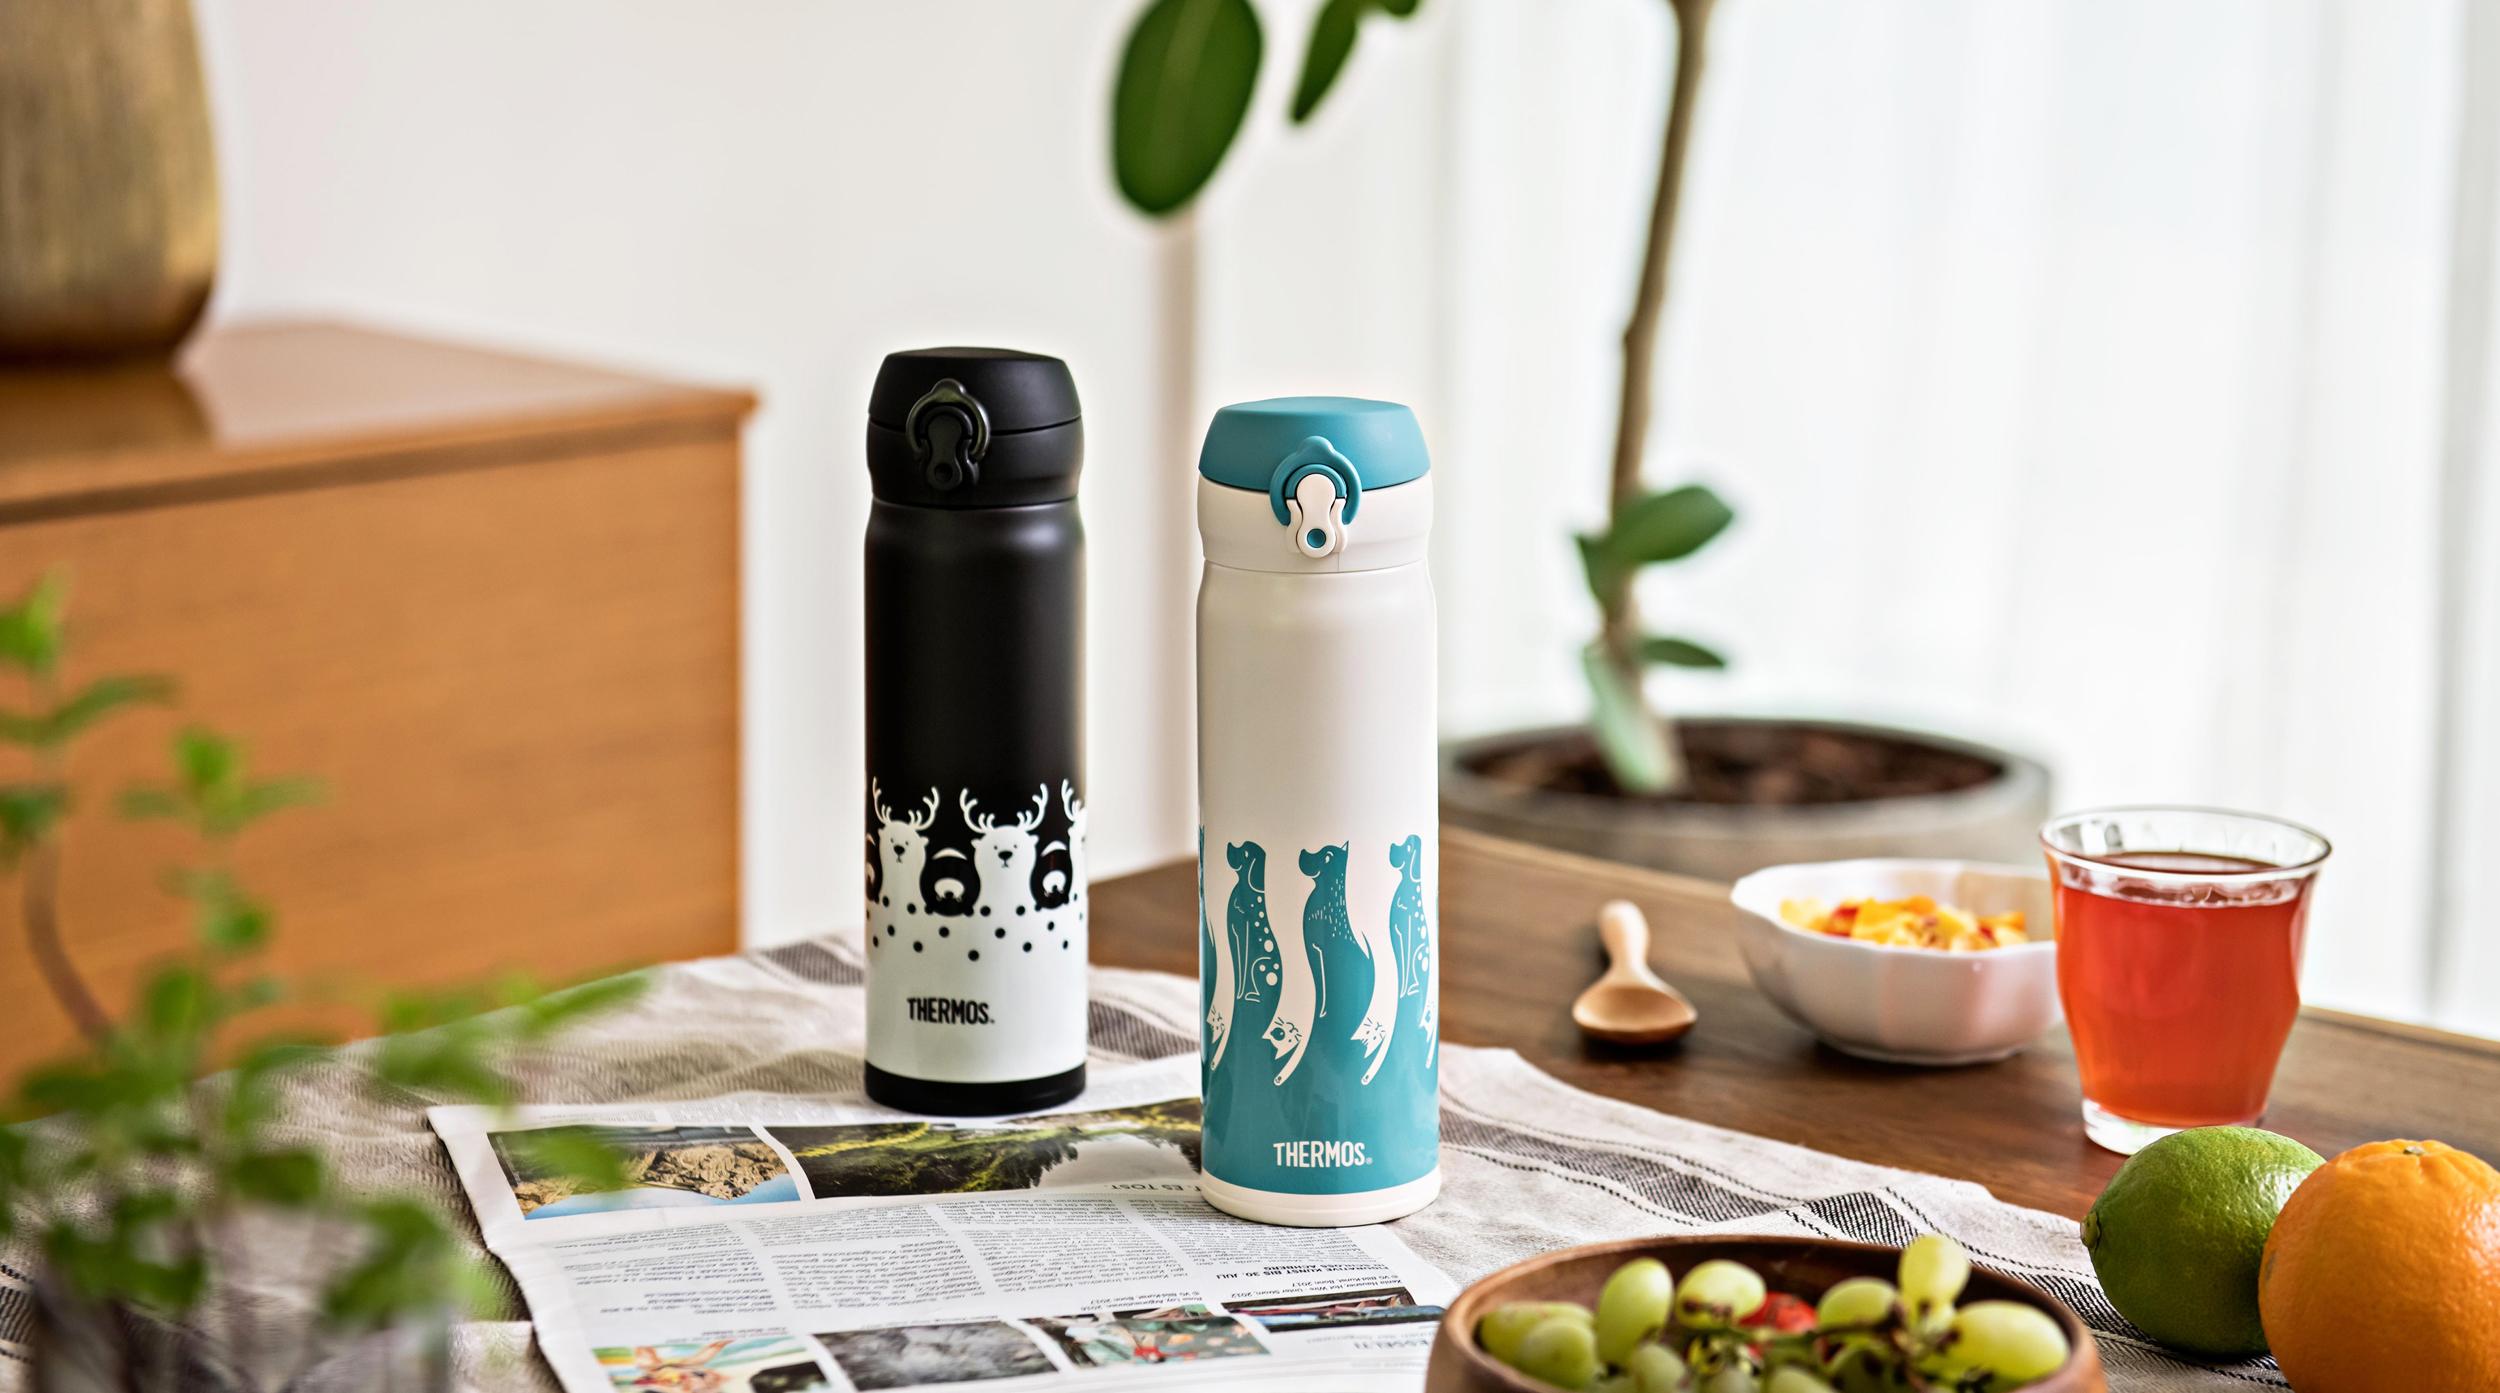 THERMOS 瓶身設計